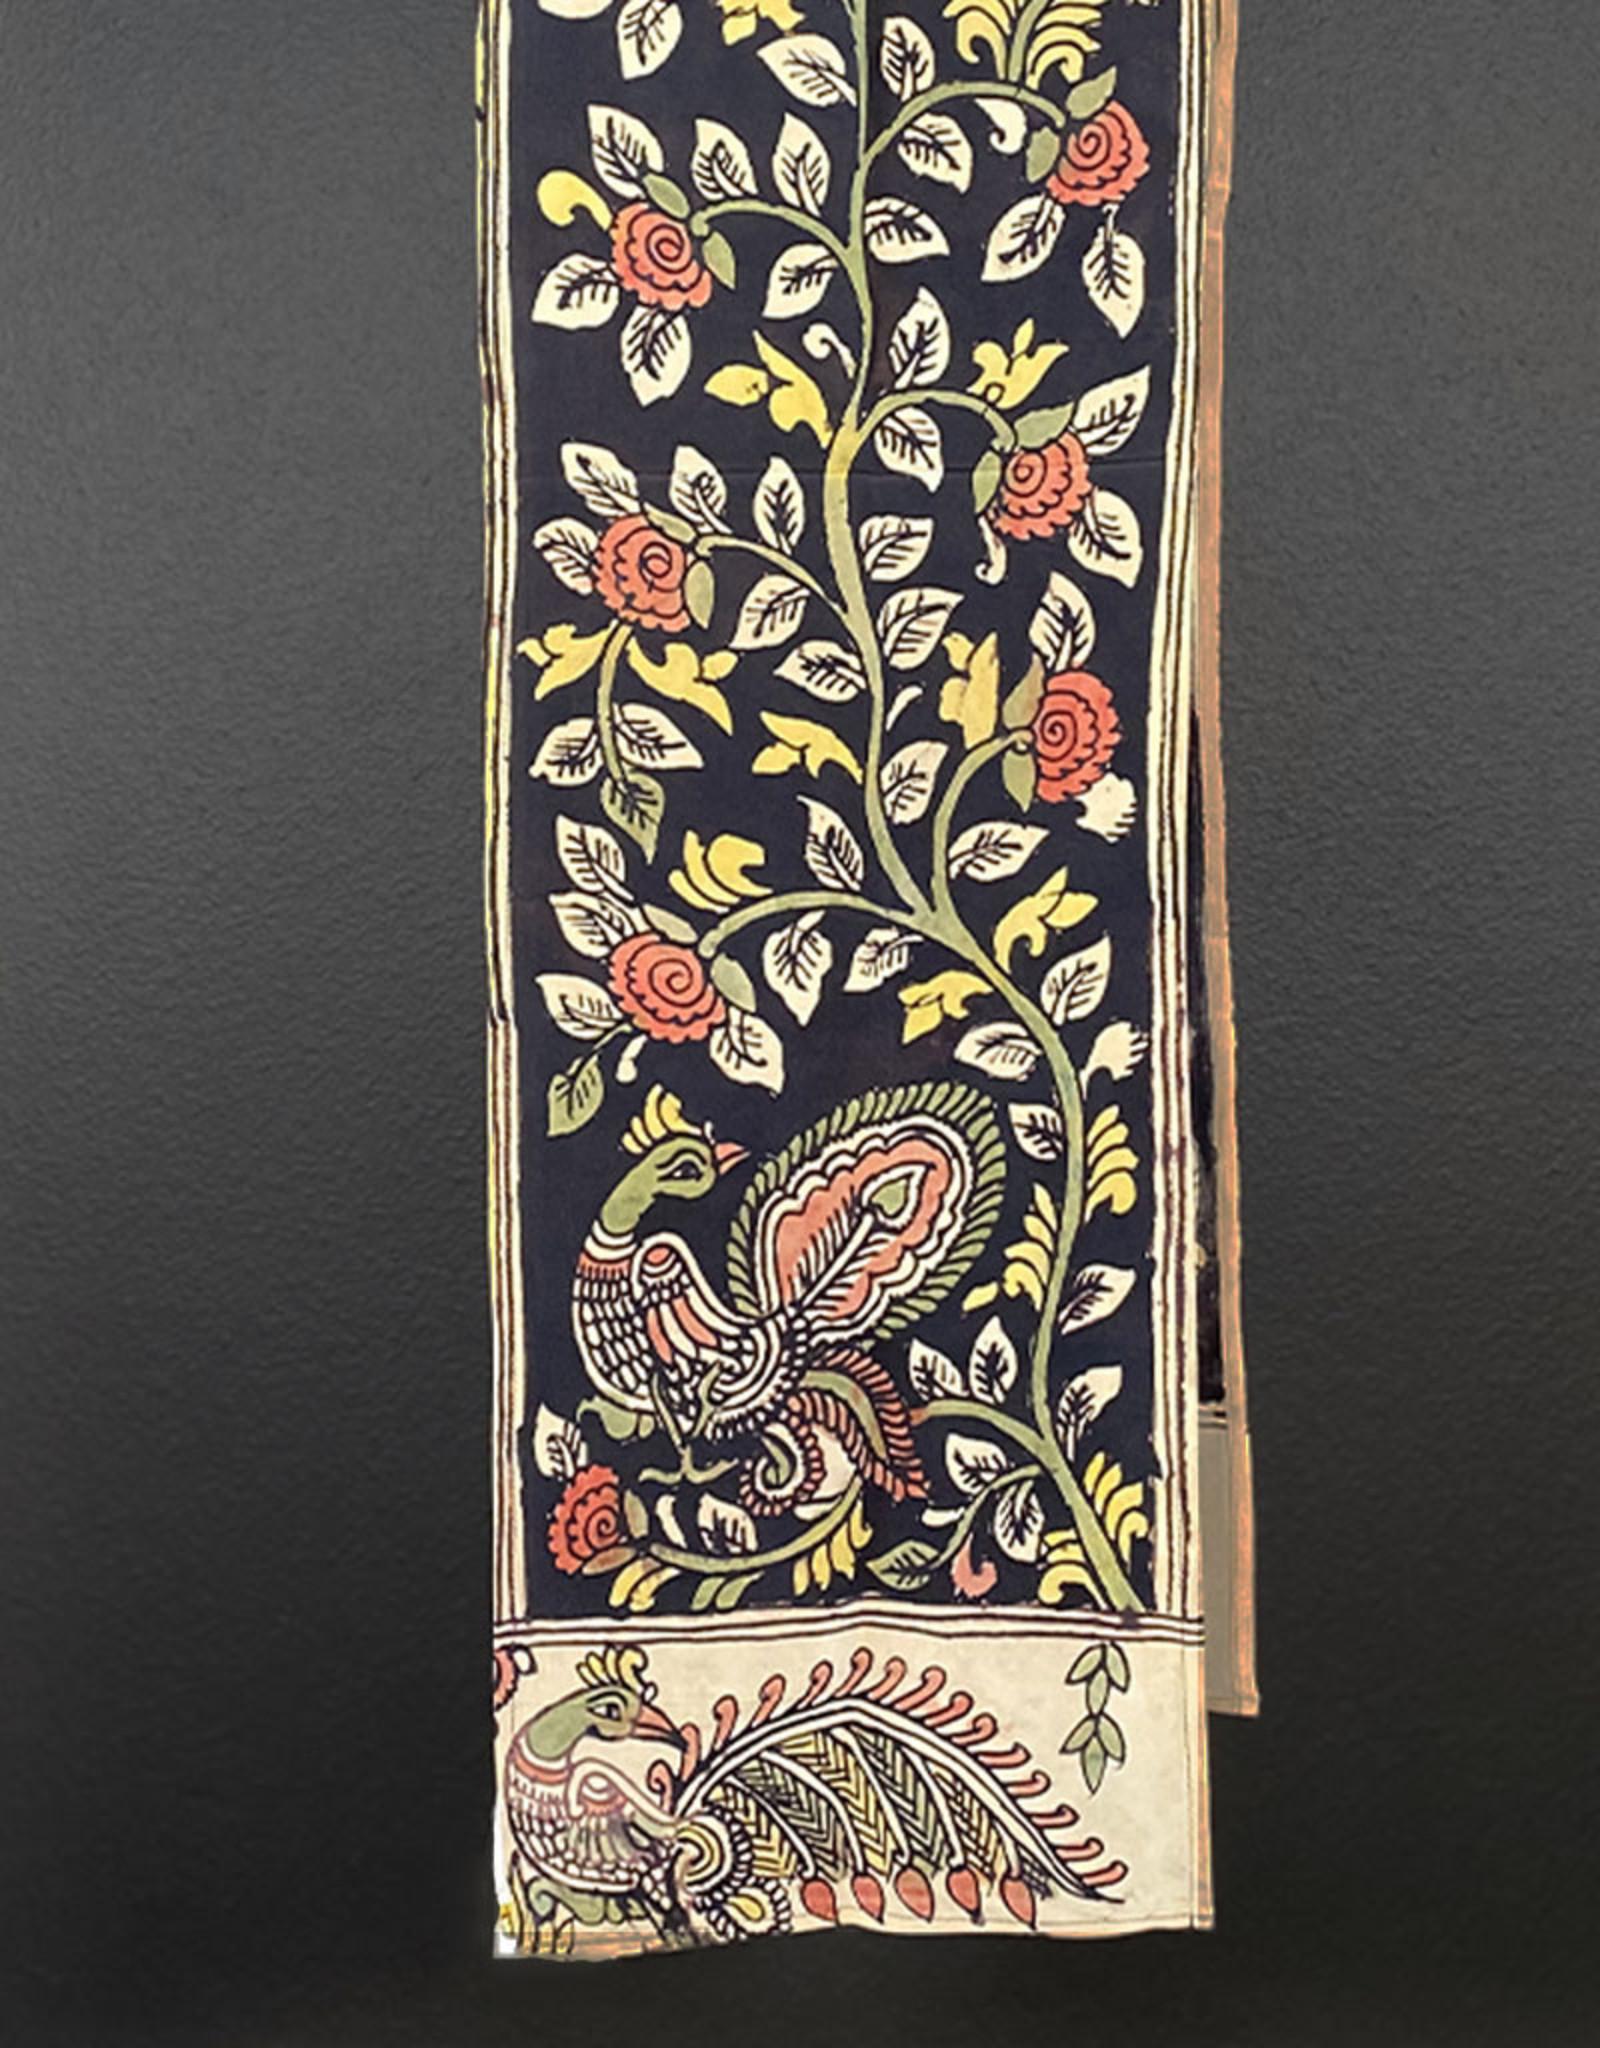 Dwaraka Black Floral Silk Chiffon Scarf with Peacock Border